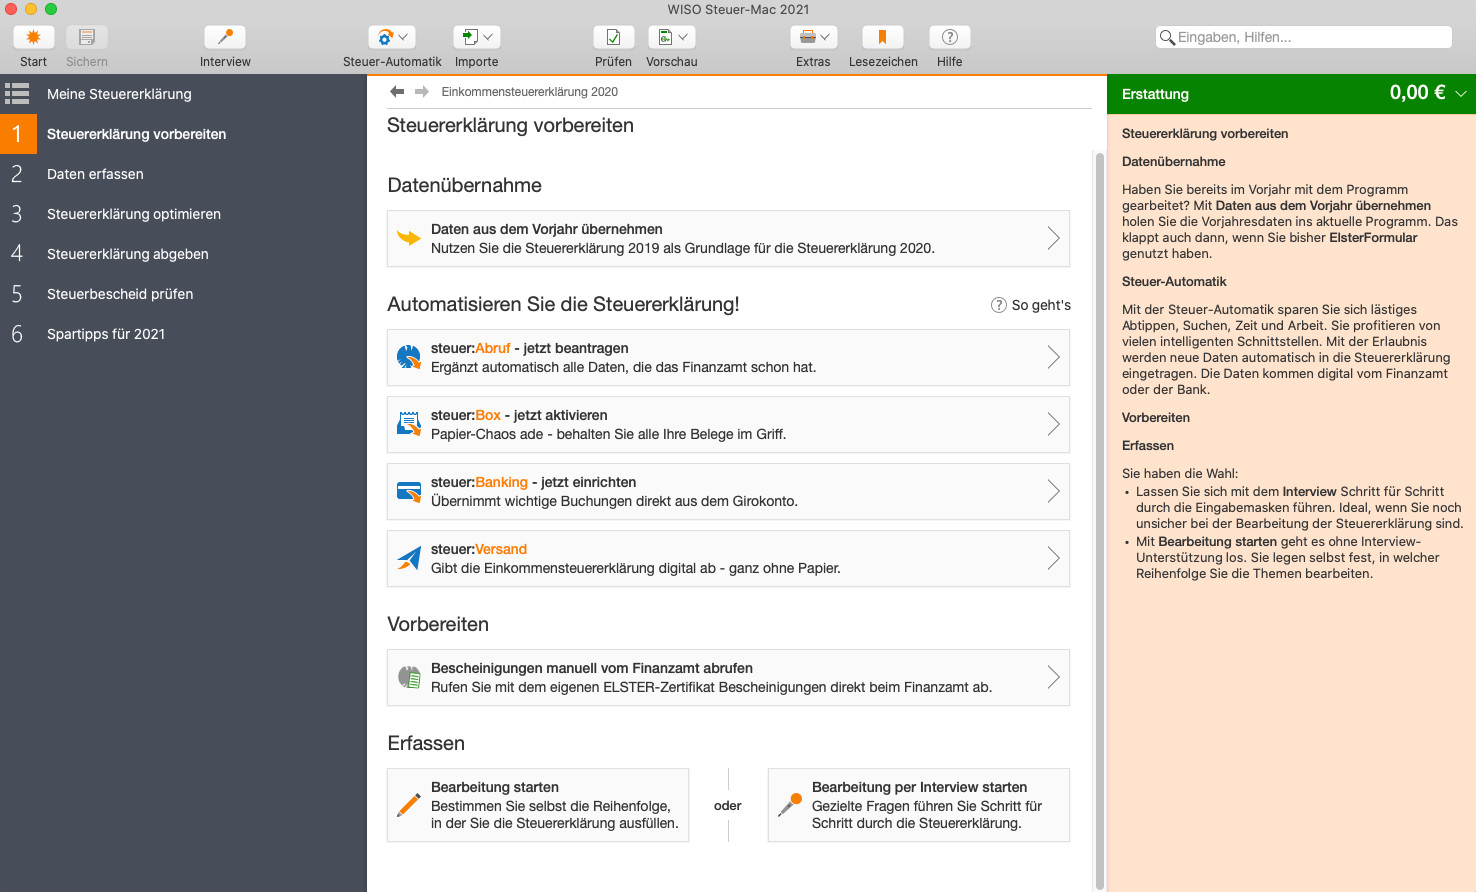 WISO Steuer 2021 (Mac) 11.02 - Download - COMPUTER BILD